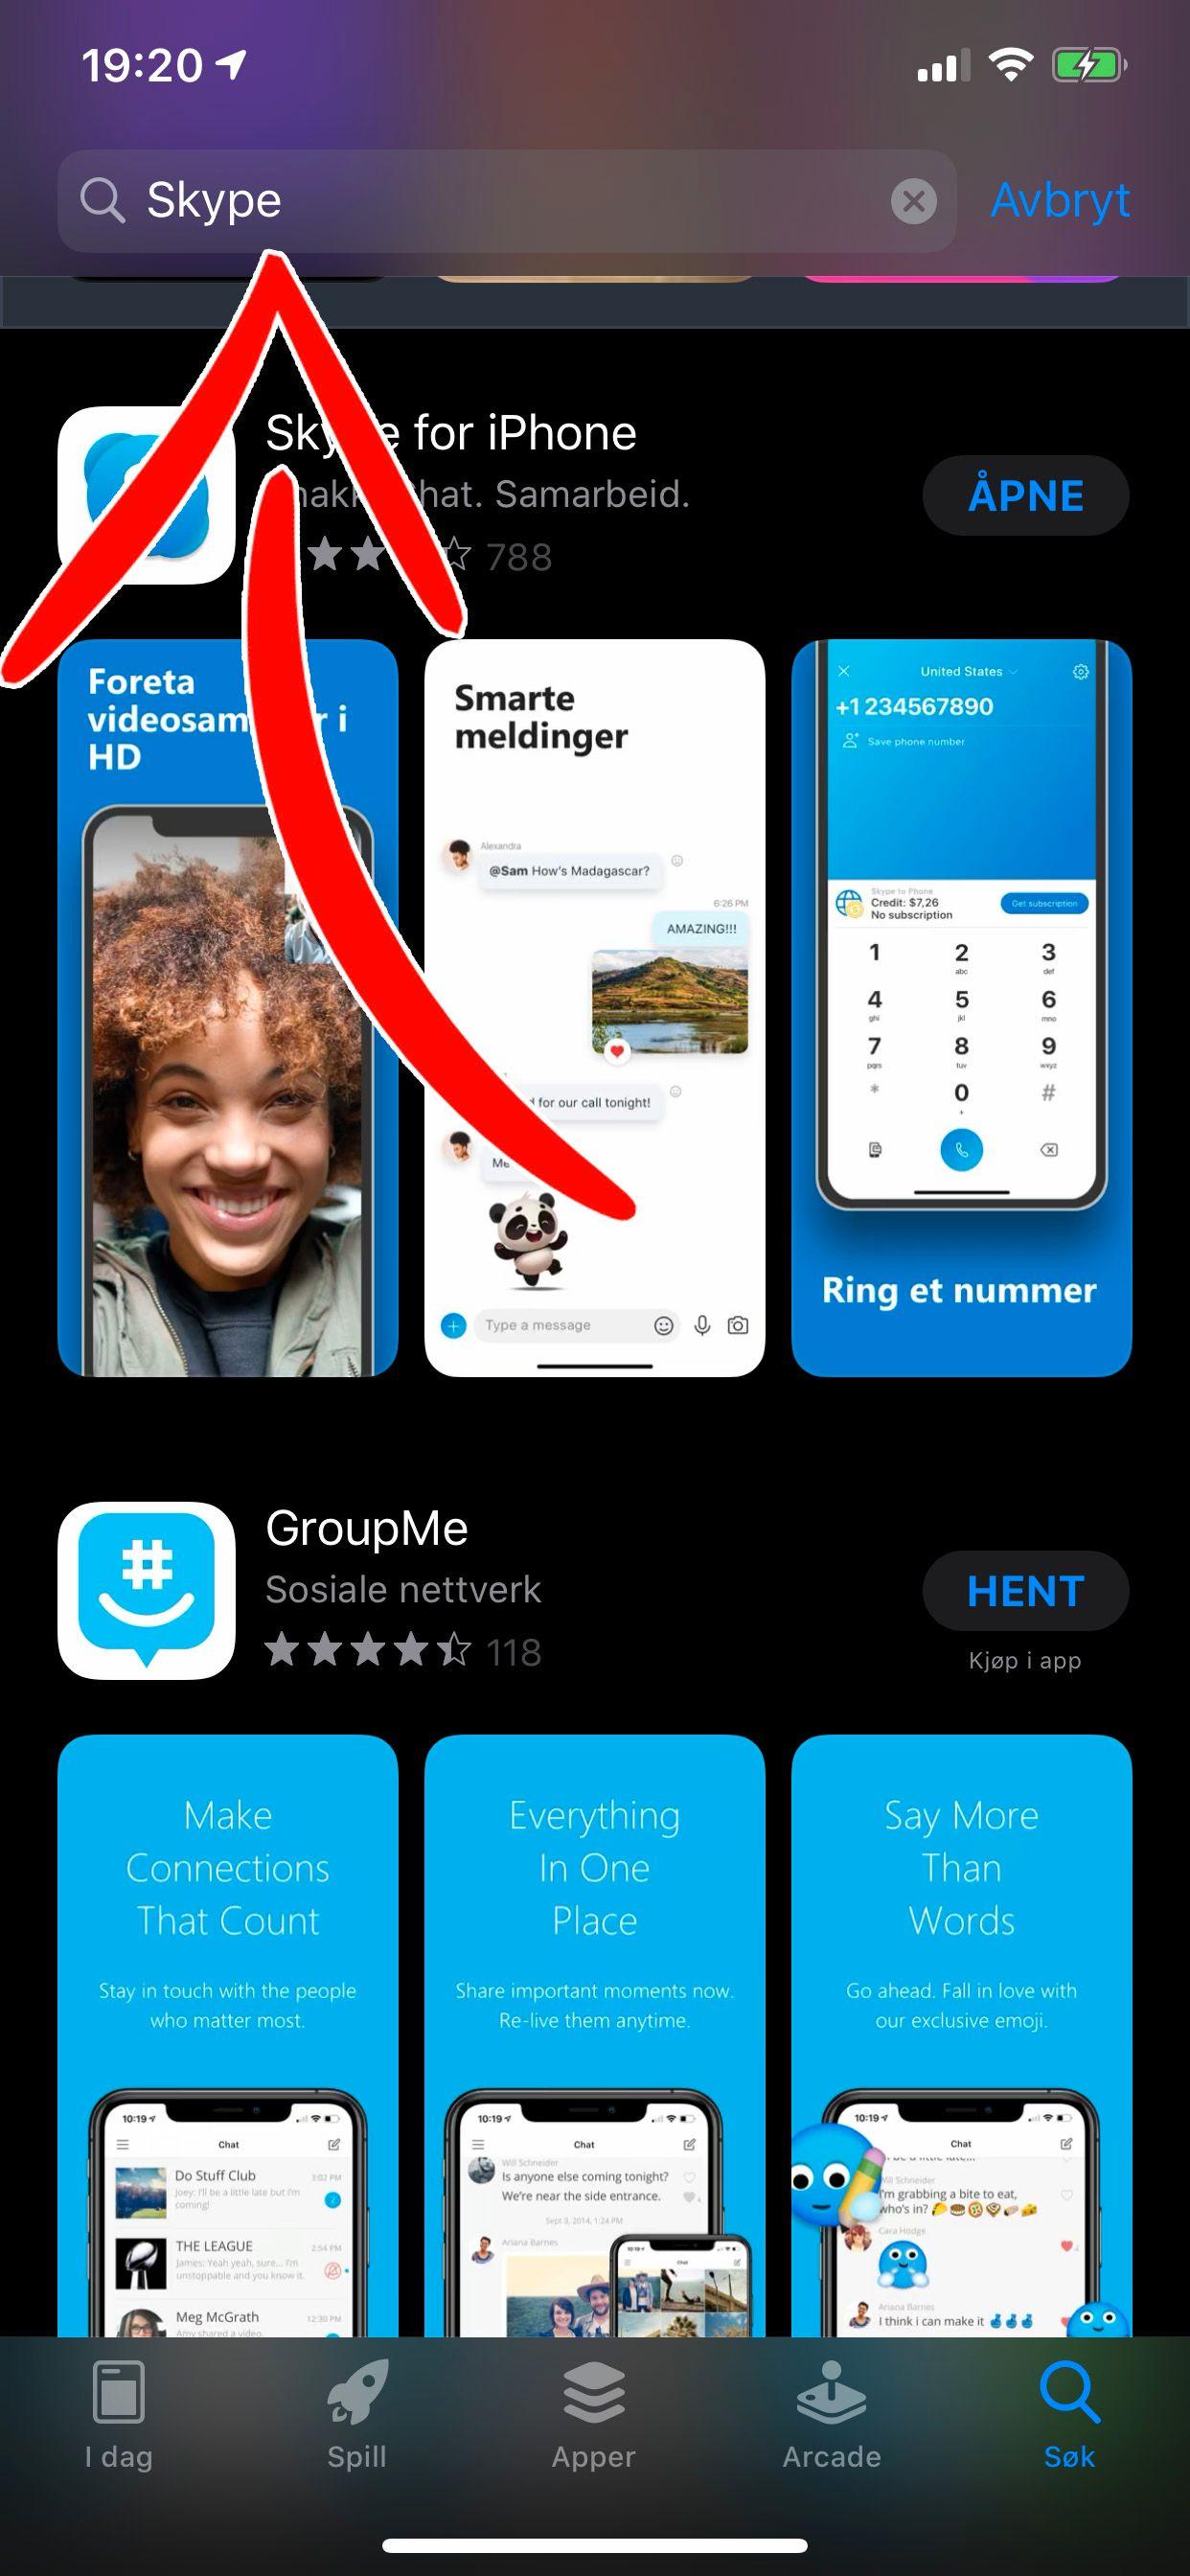 iPhoner leveres uten ekstra apper utover Apples egne i menyene. Da må du laste ned i App Store.